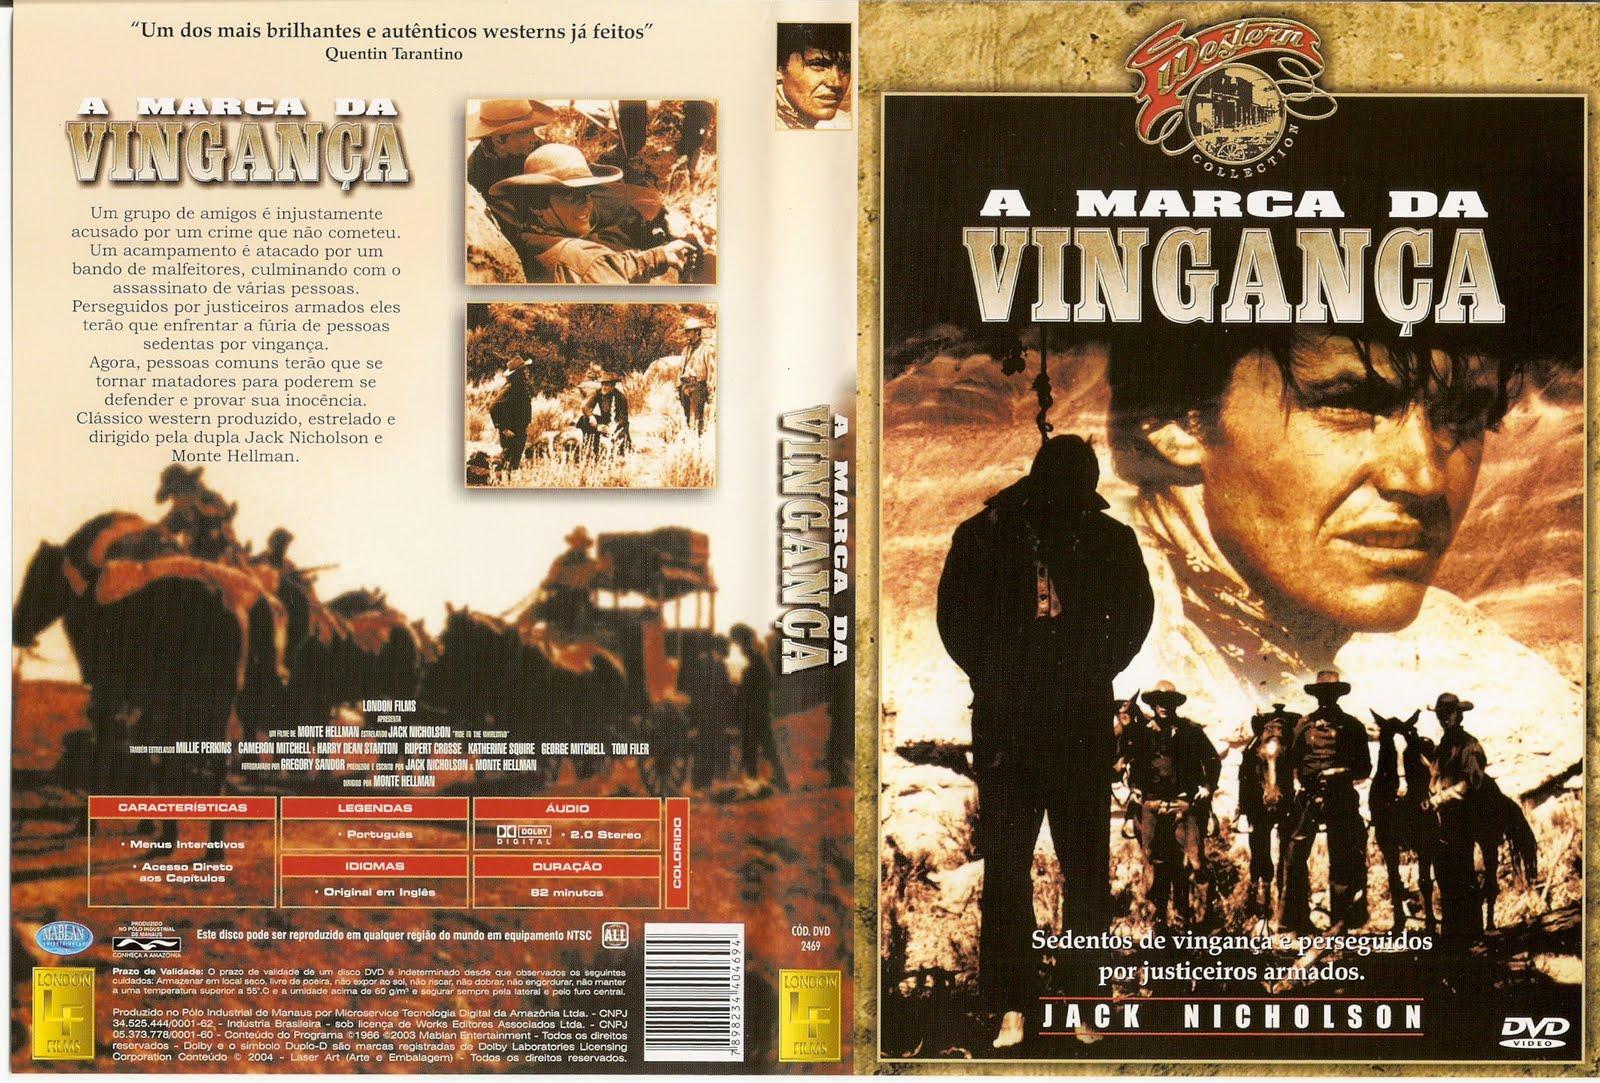 Filme Marcas Da Guerra regarding a marca da vingança - capas covers - capas de filmes grátis